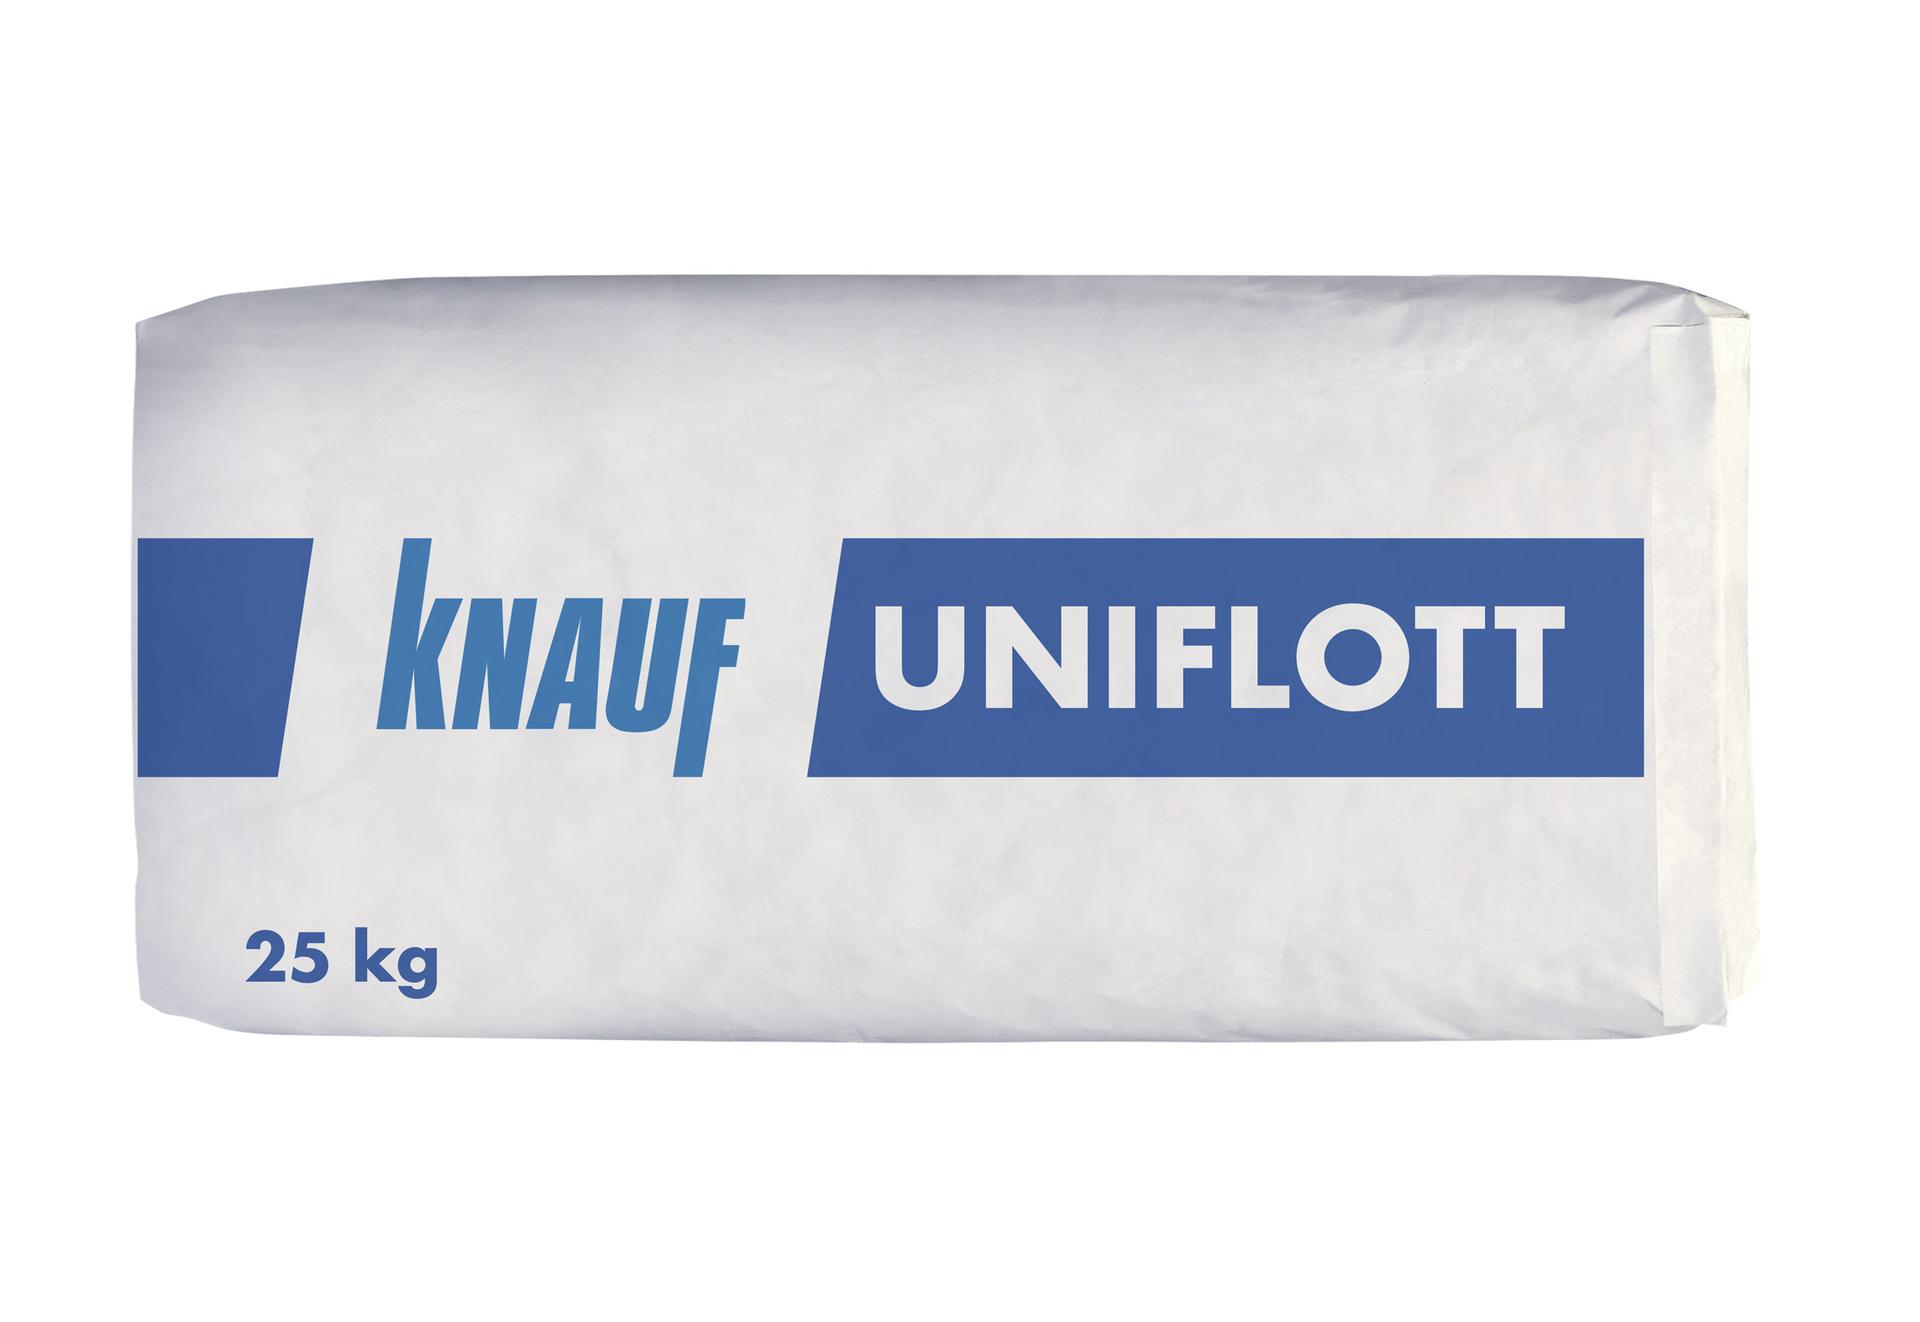 knauf uniflott fugenspachtel 25 kg / sack | www.kemmler.de